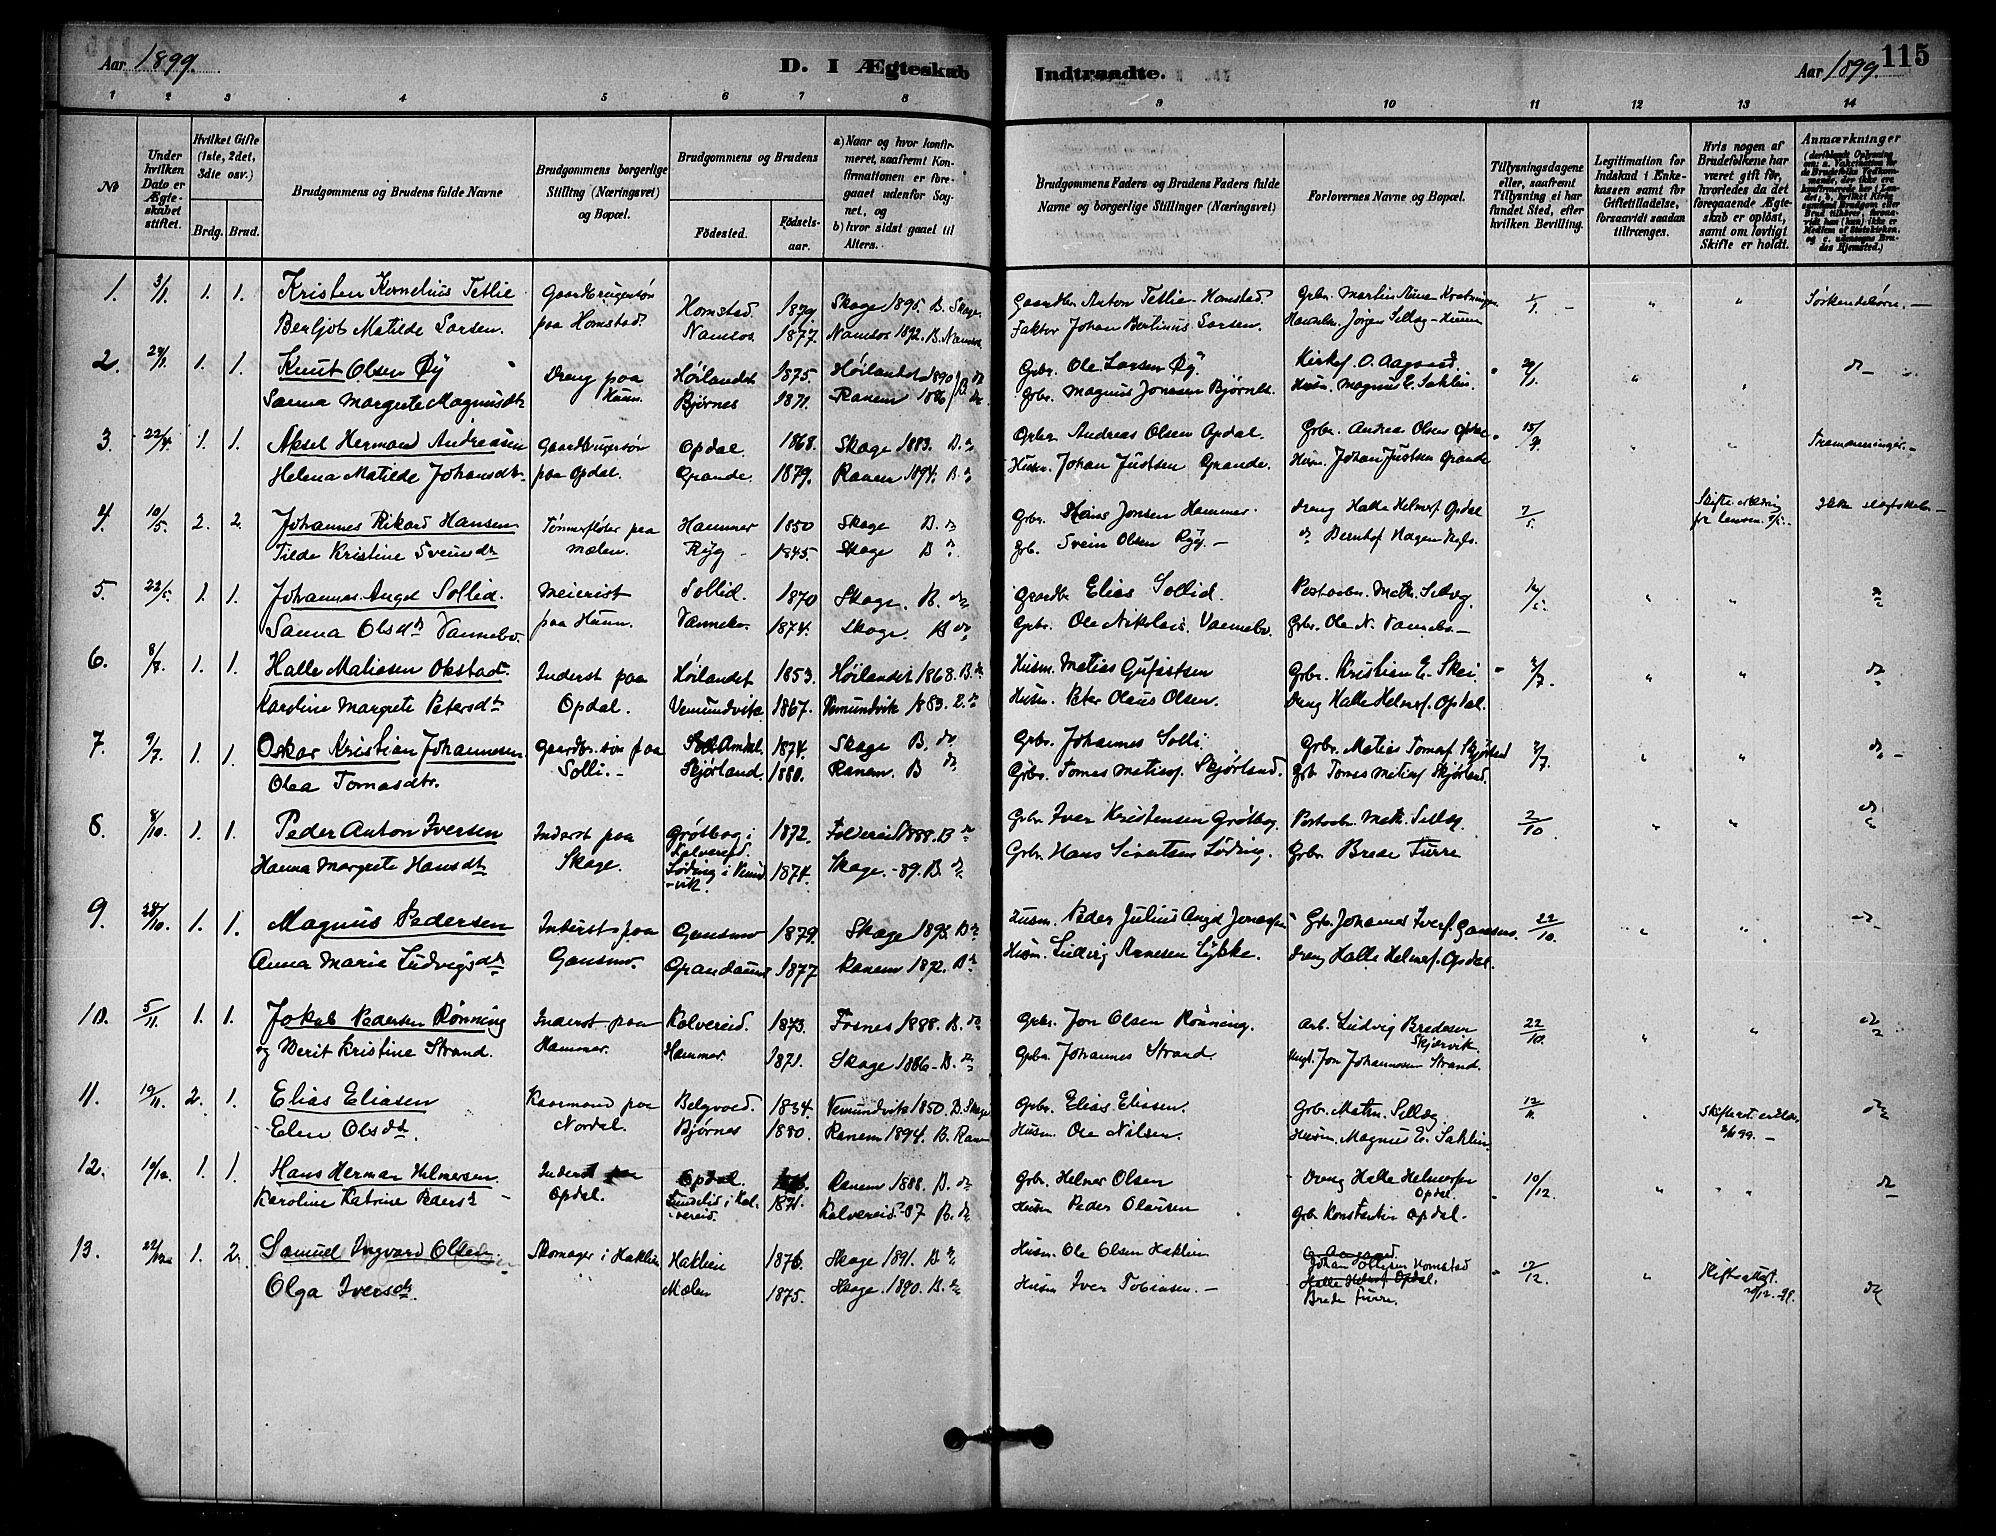 SAT, Ministerialprotokoller, klokkerbøker og fødselsregistre - Nord-Trøndelag, 766/L0563: Ministerialbok nr. 767A01, 1881-1899, s. 115